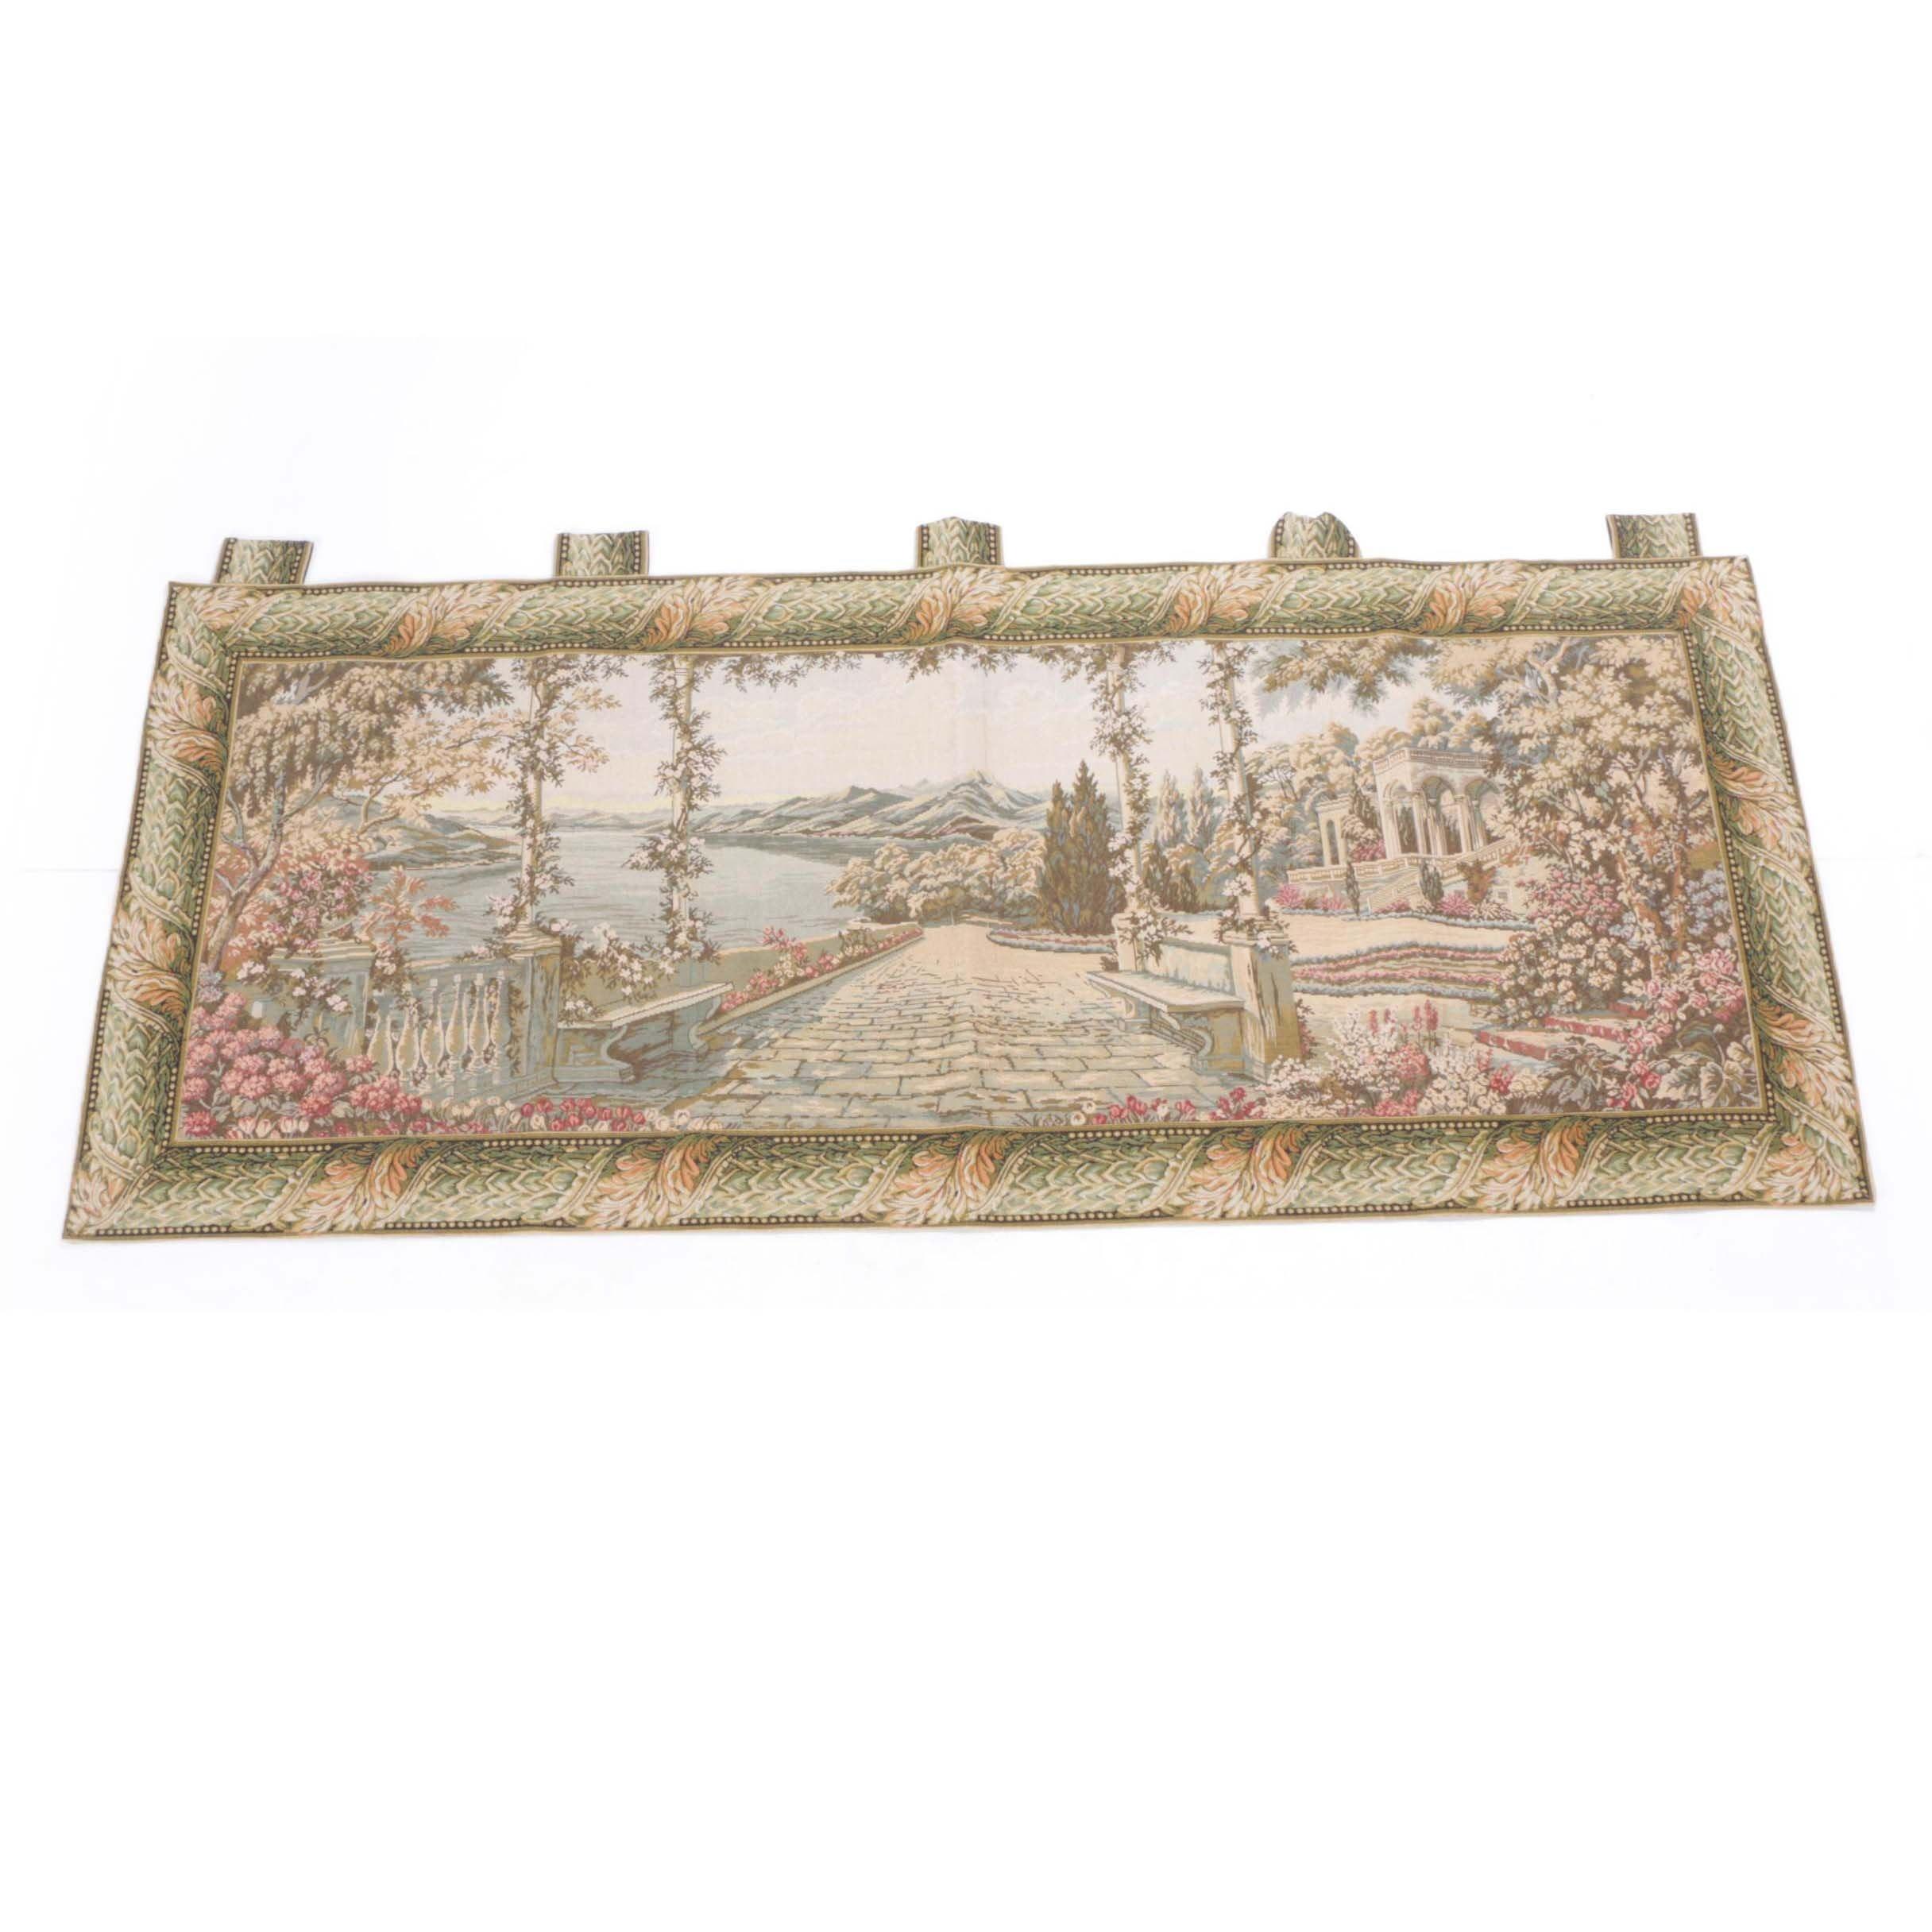 Hanging Wall Tapestry of a Coastal Villa Garden